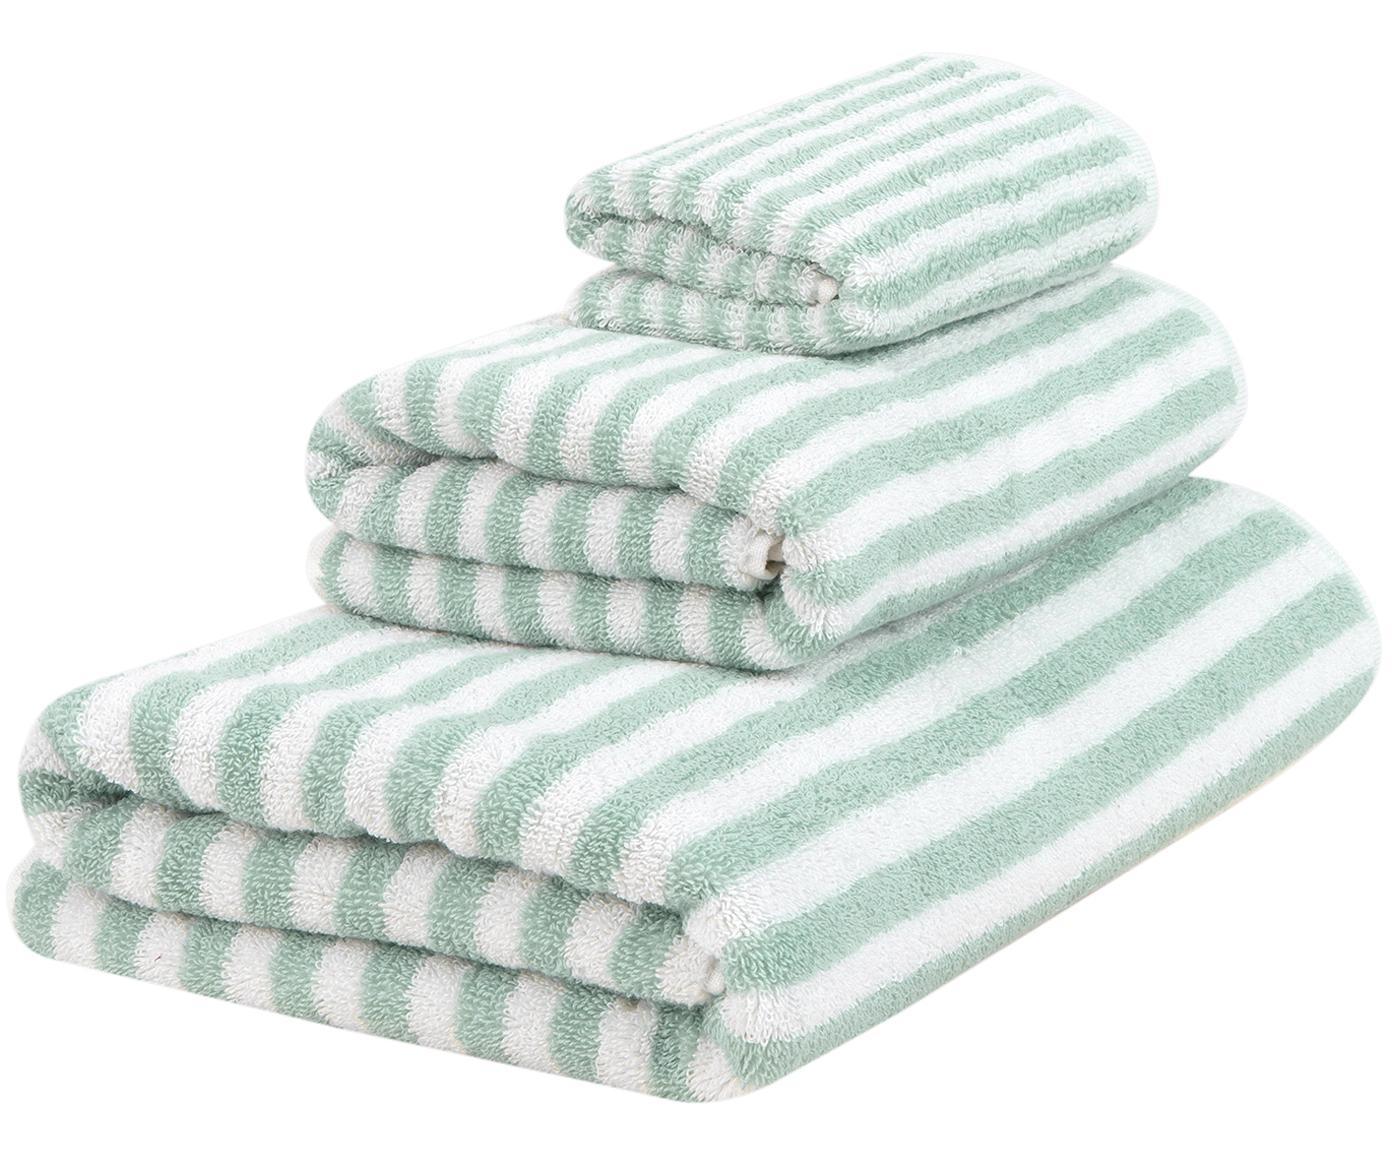 Komplet ręczników Viola, 3 elem., 100% bawełna Średnia gramatura 550 g/m², Zielony miętowy, kremowobiały, Różne rozmiary